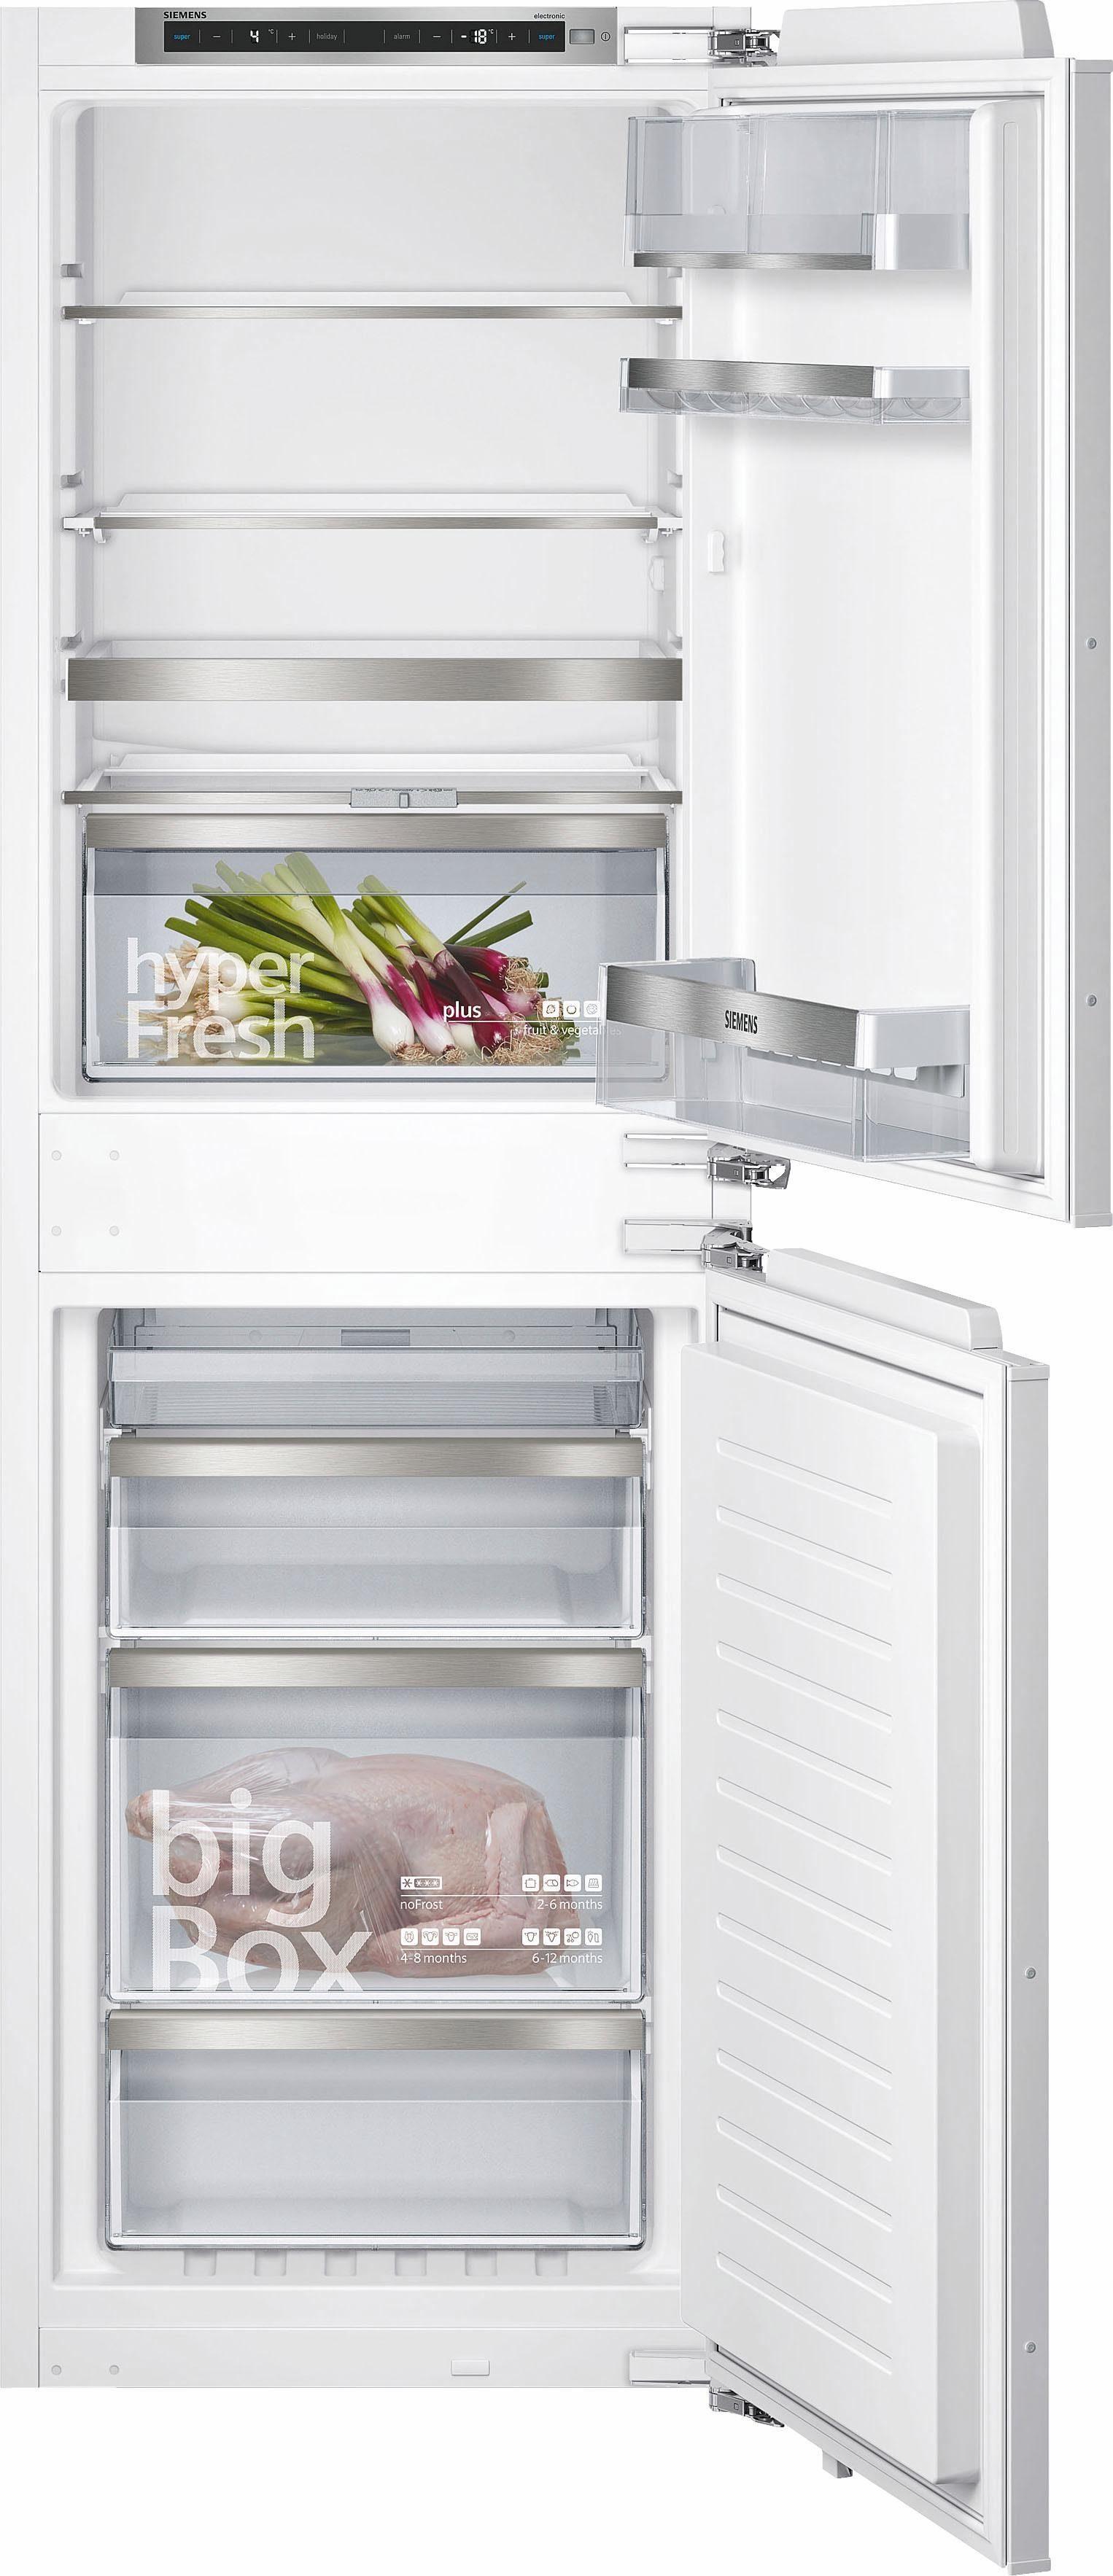 SIEMENS Einbaukühlschrank KI85NAD30, 177,2 cm hoch, 54,5 cm breit, Energieeffizienzklasse: A++, 177,2 cm hoch